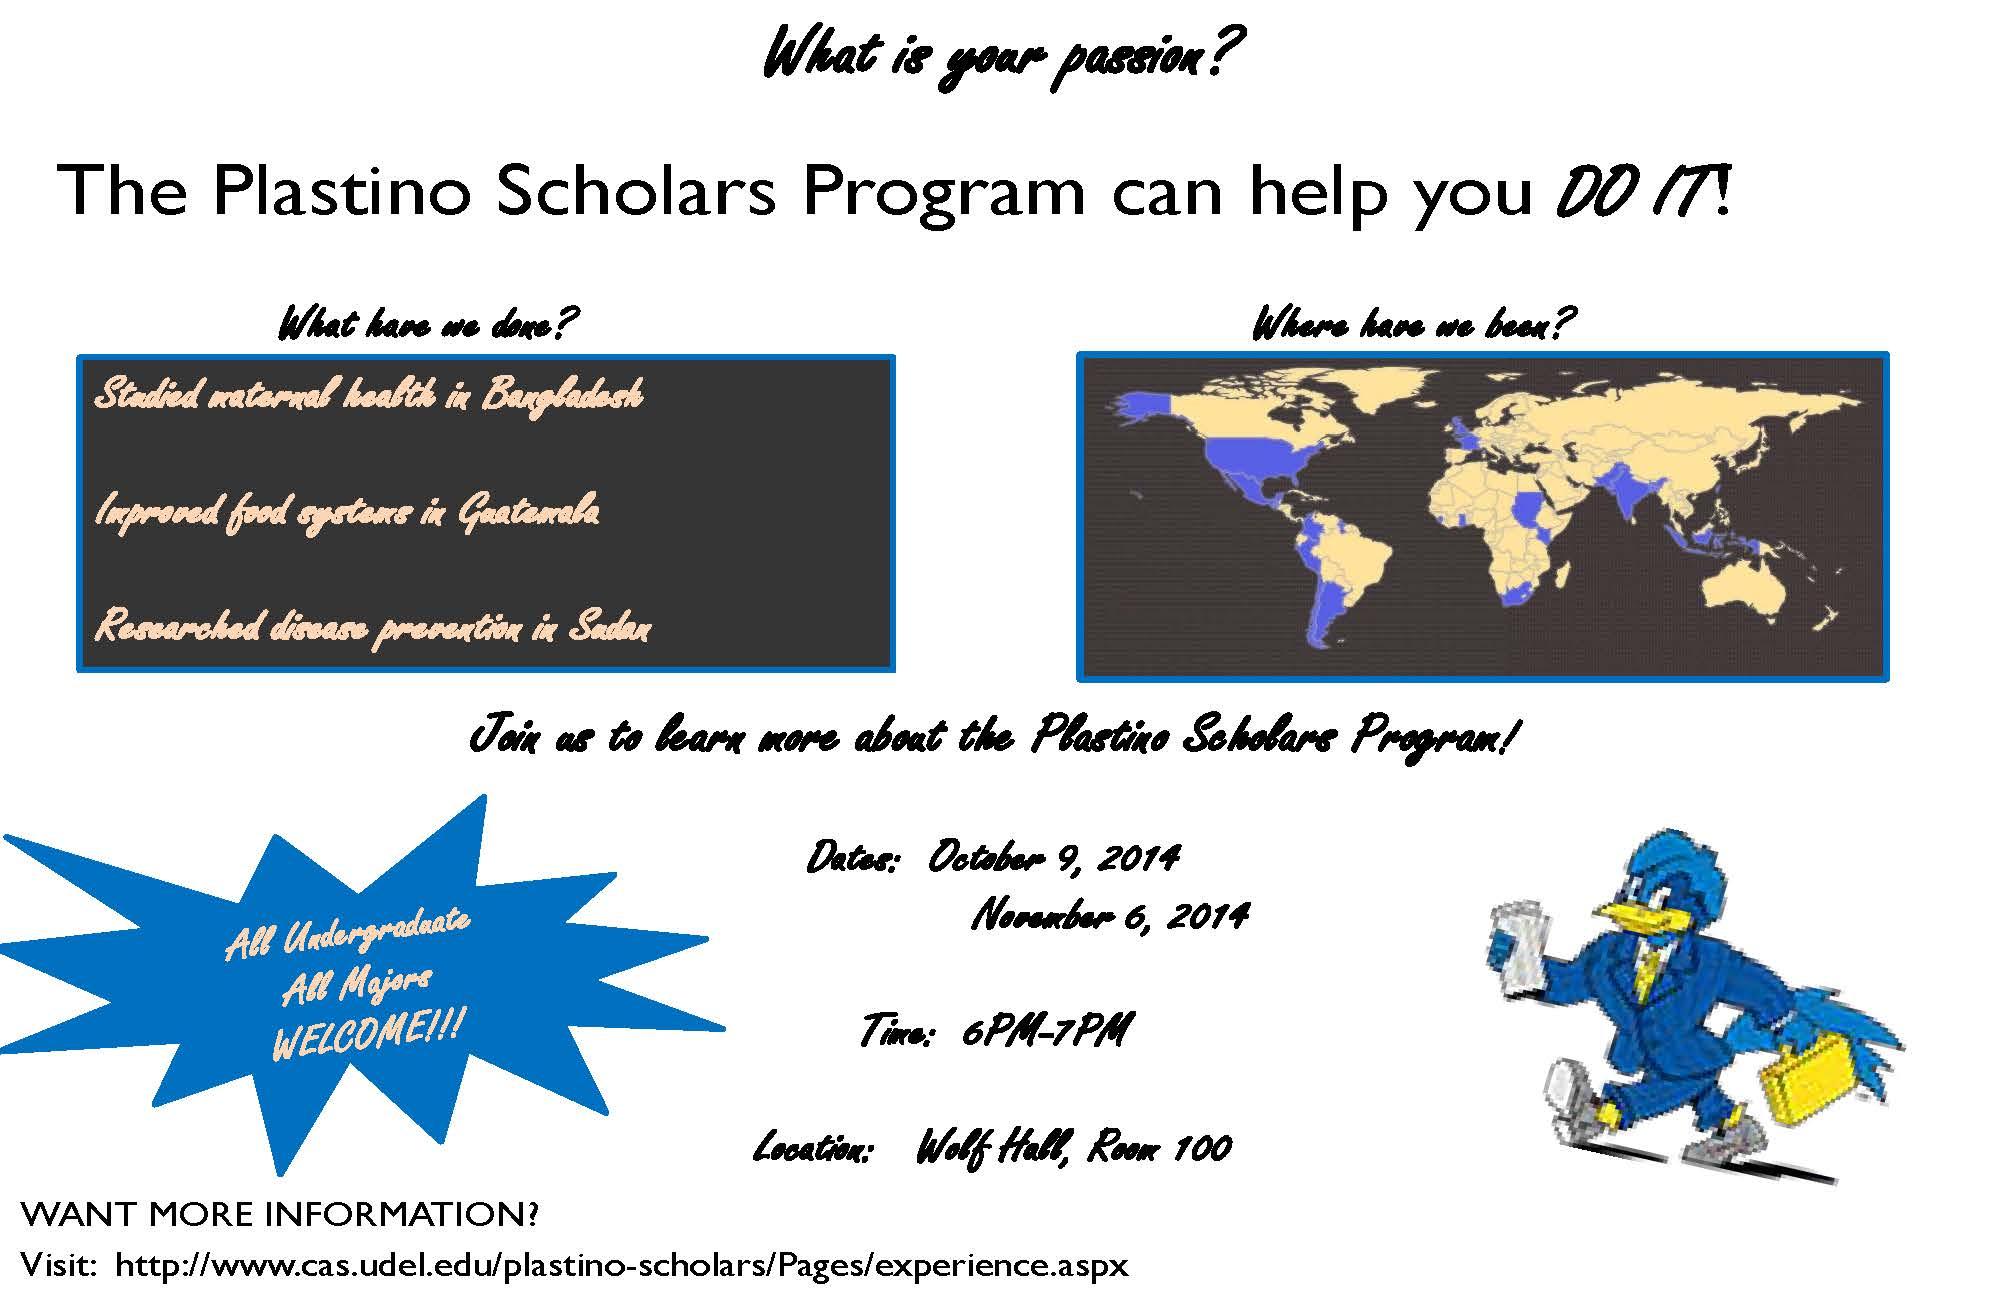 Plastino Scholars Program Flyer 2014